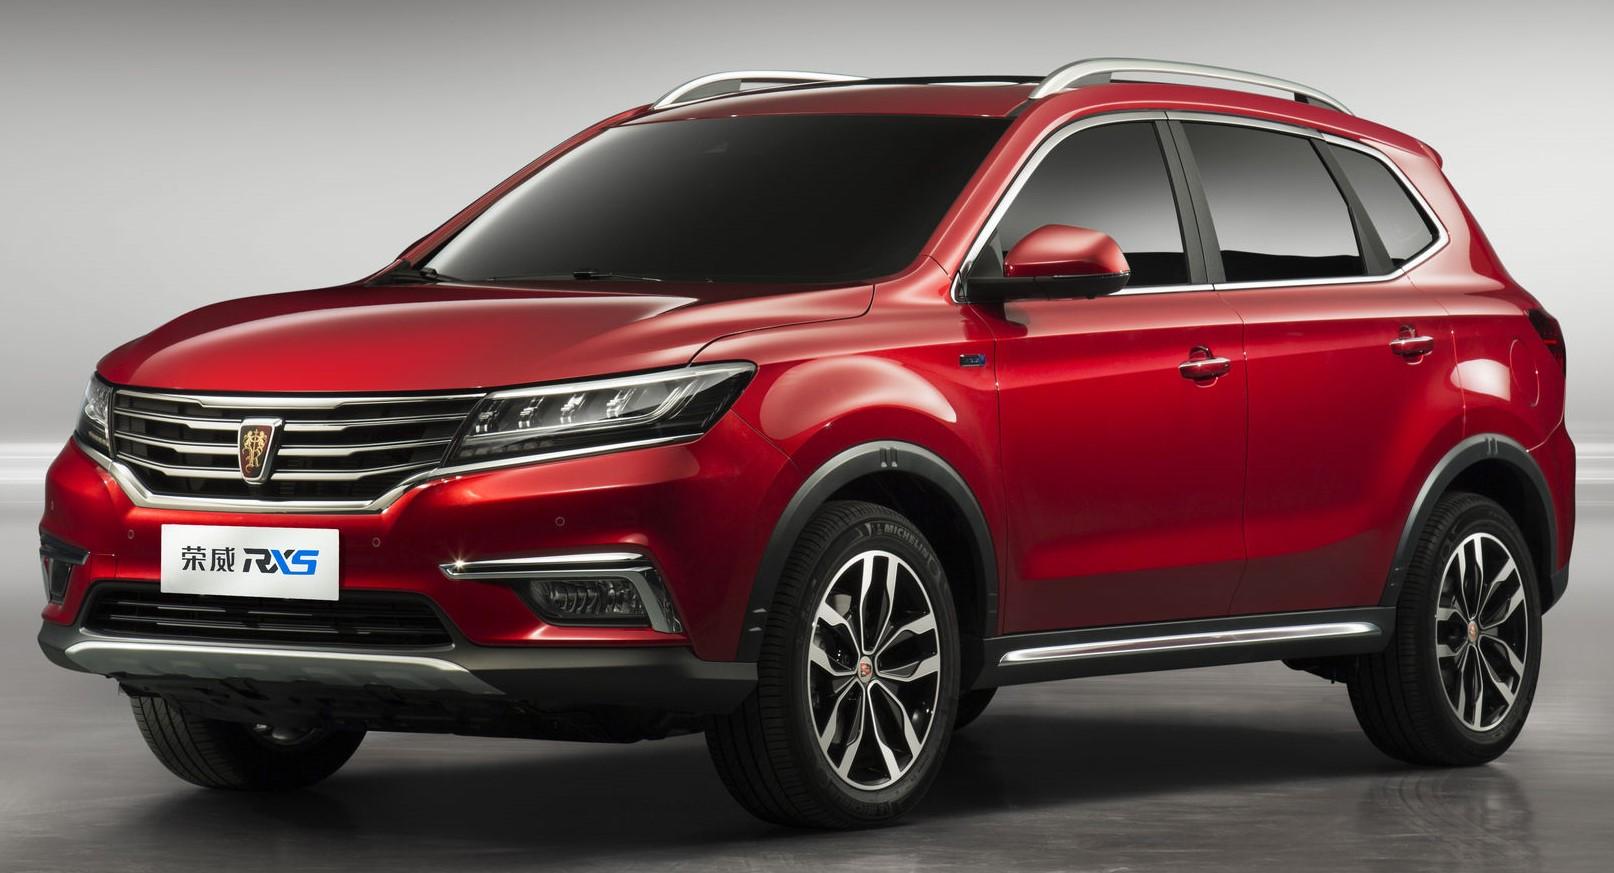 طراز MG RX5؛ مفهوم جديد لسيارات الSUV المدمجة من الصانع الصينى